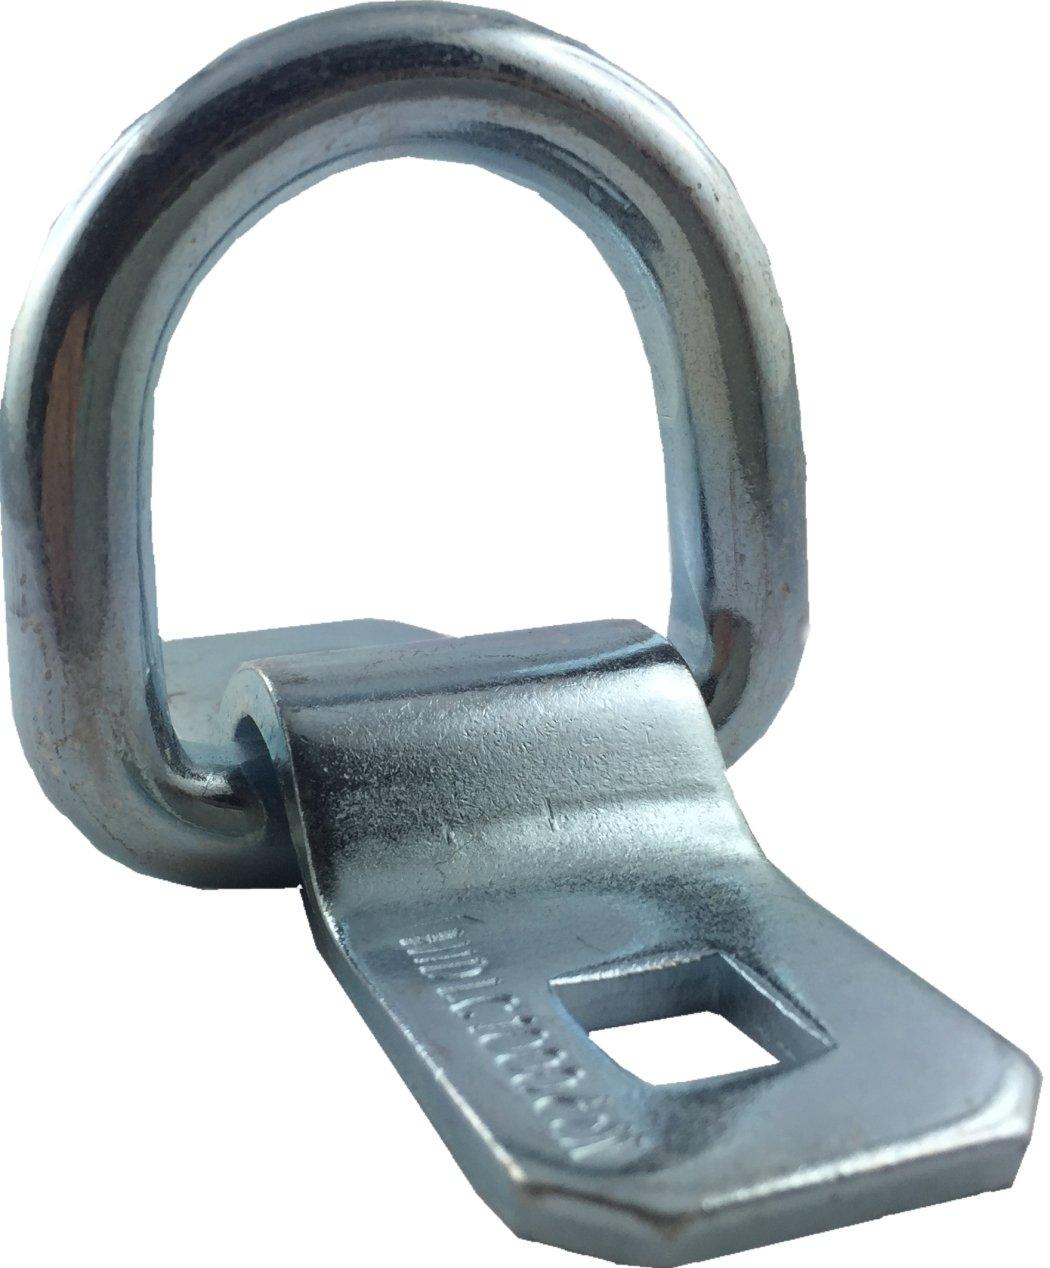 per il trasporto commerciale Iapyx/® 1000 daN anello di ancoraggio professionale per occhiello di montaggio